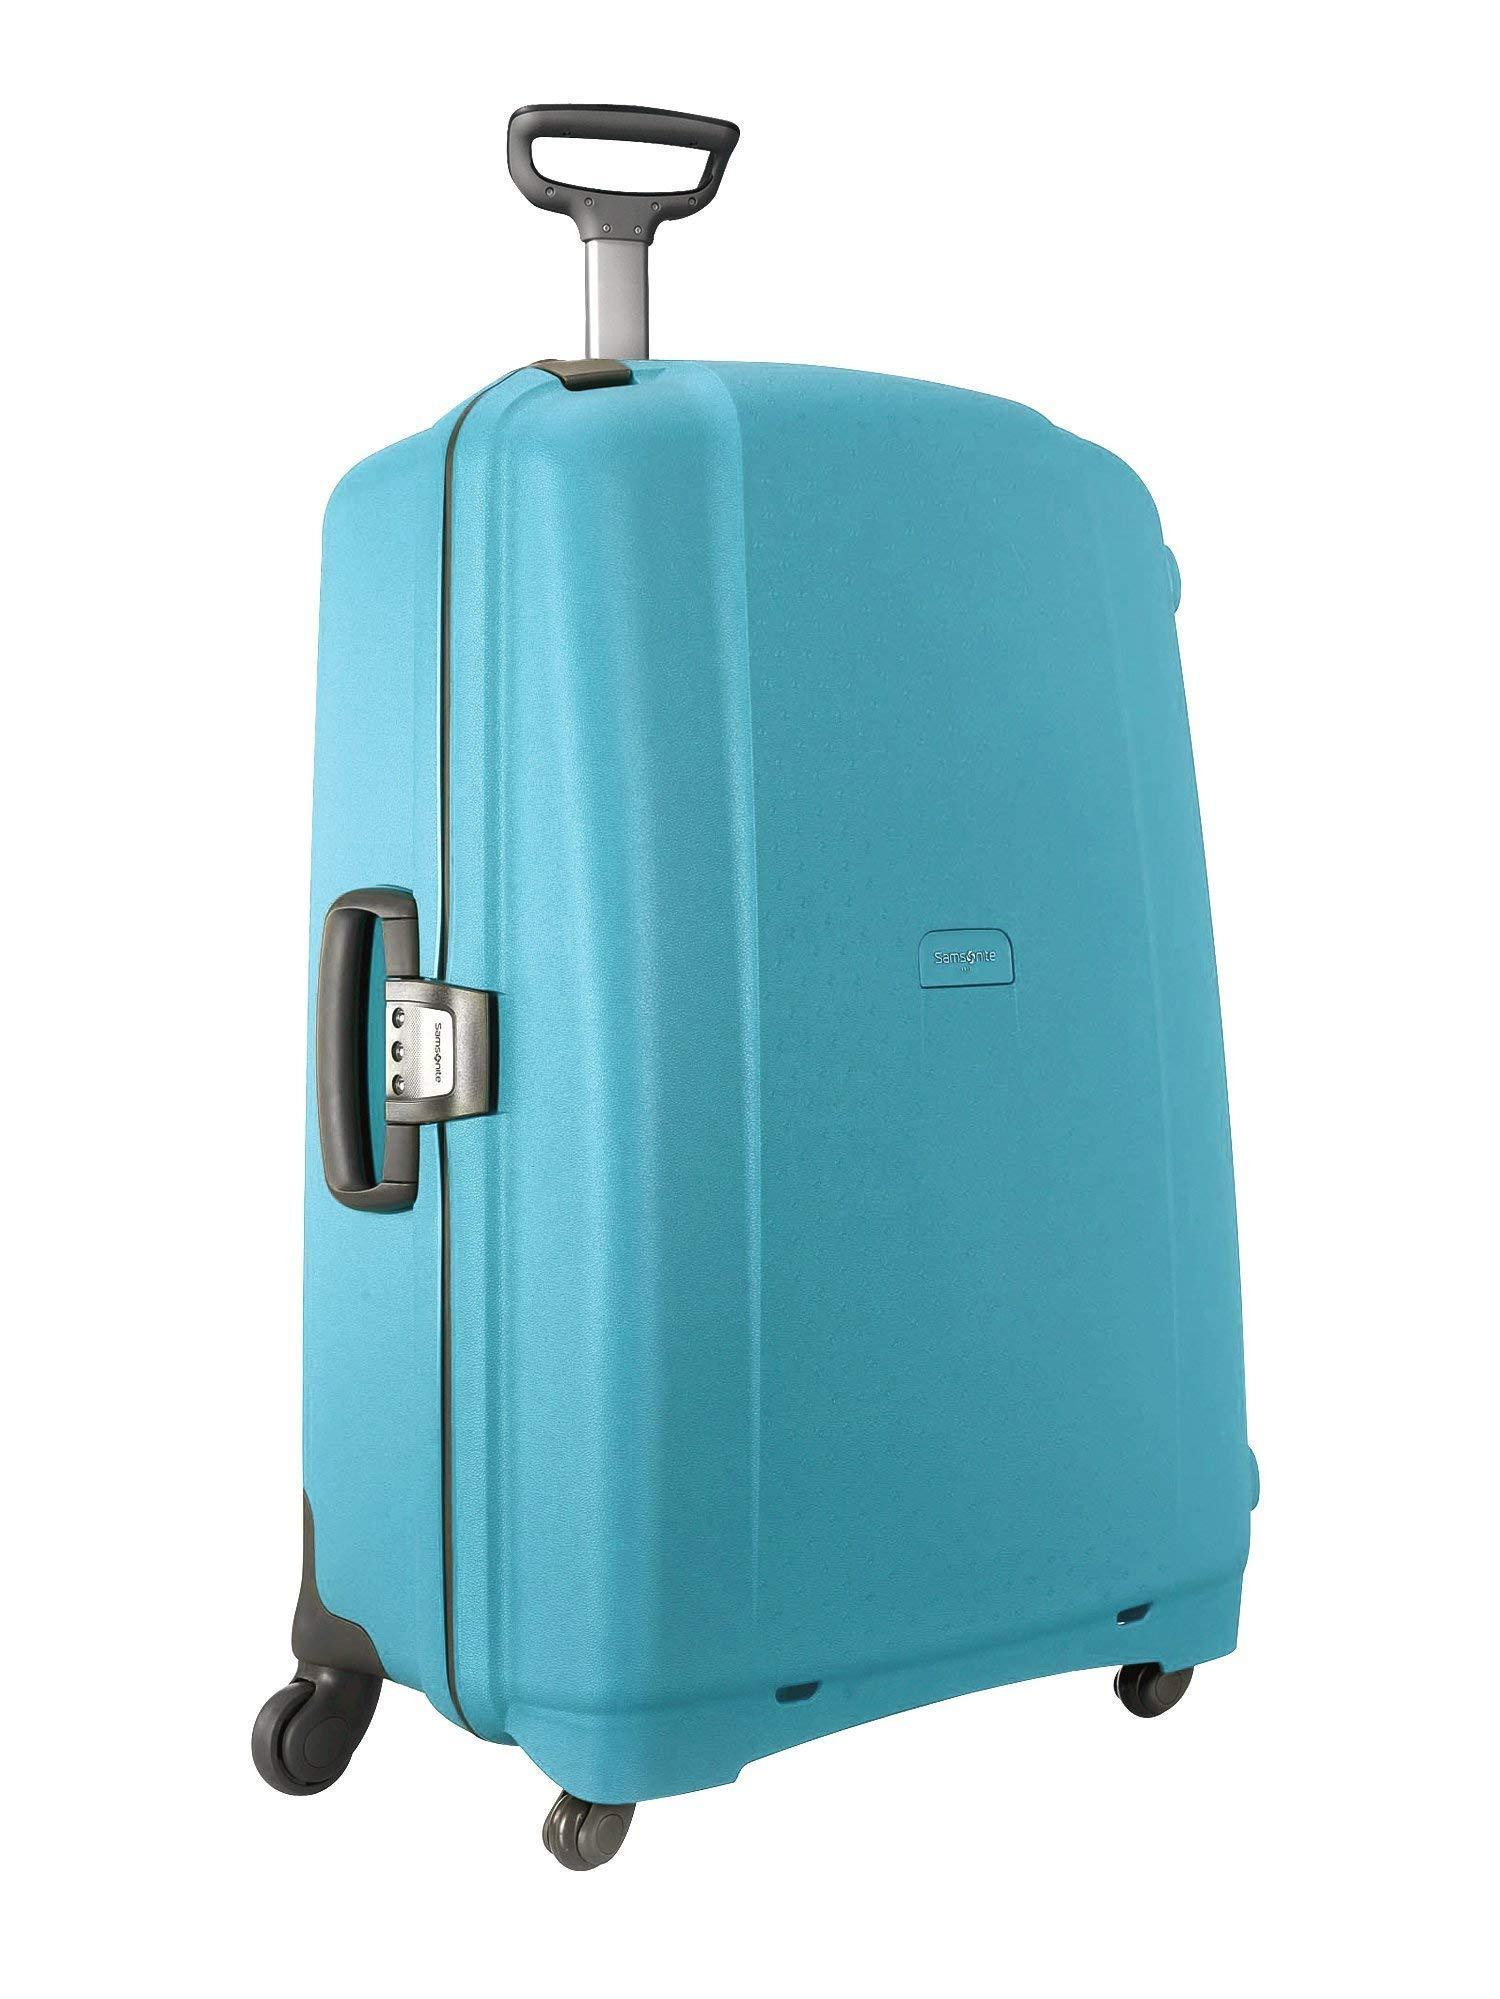 Samsonite Luggage Flite Spinner 28-inch Travel Bag